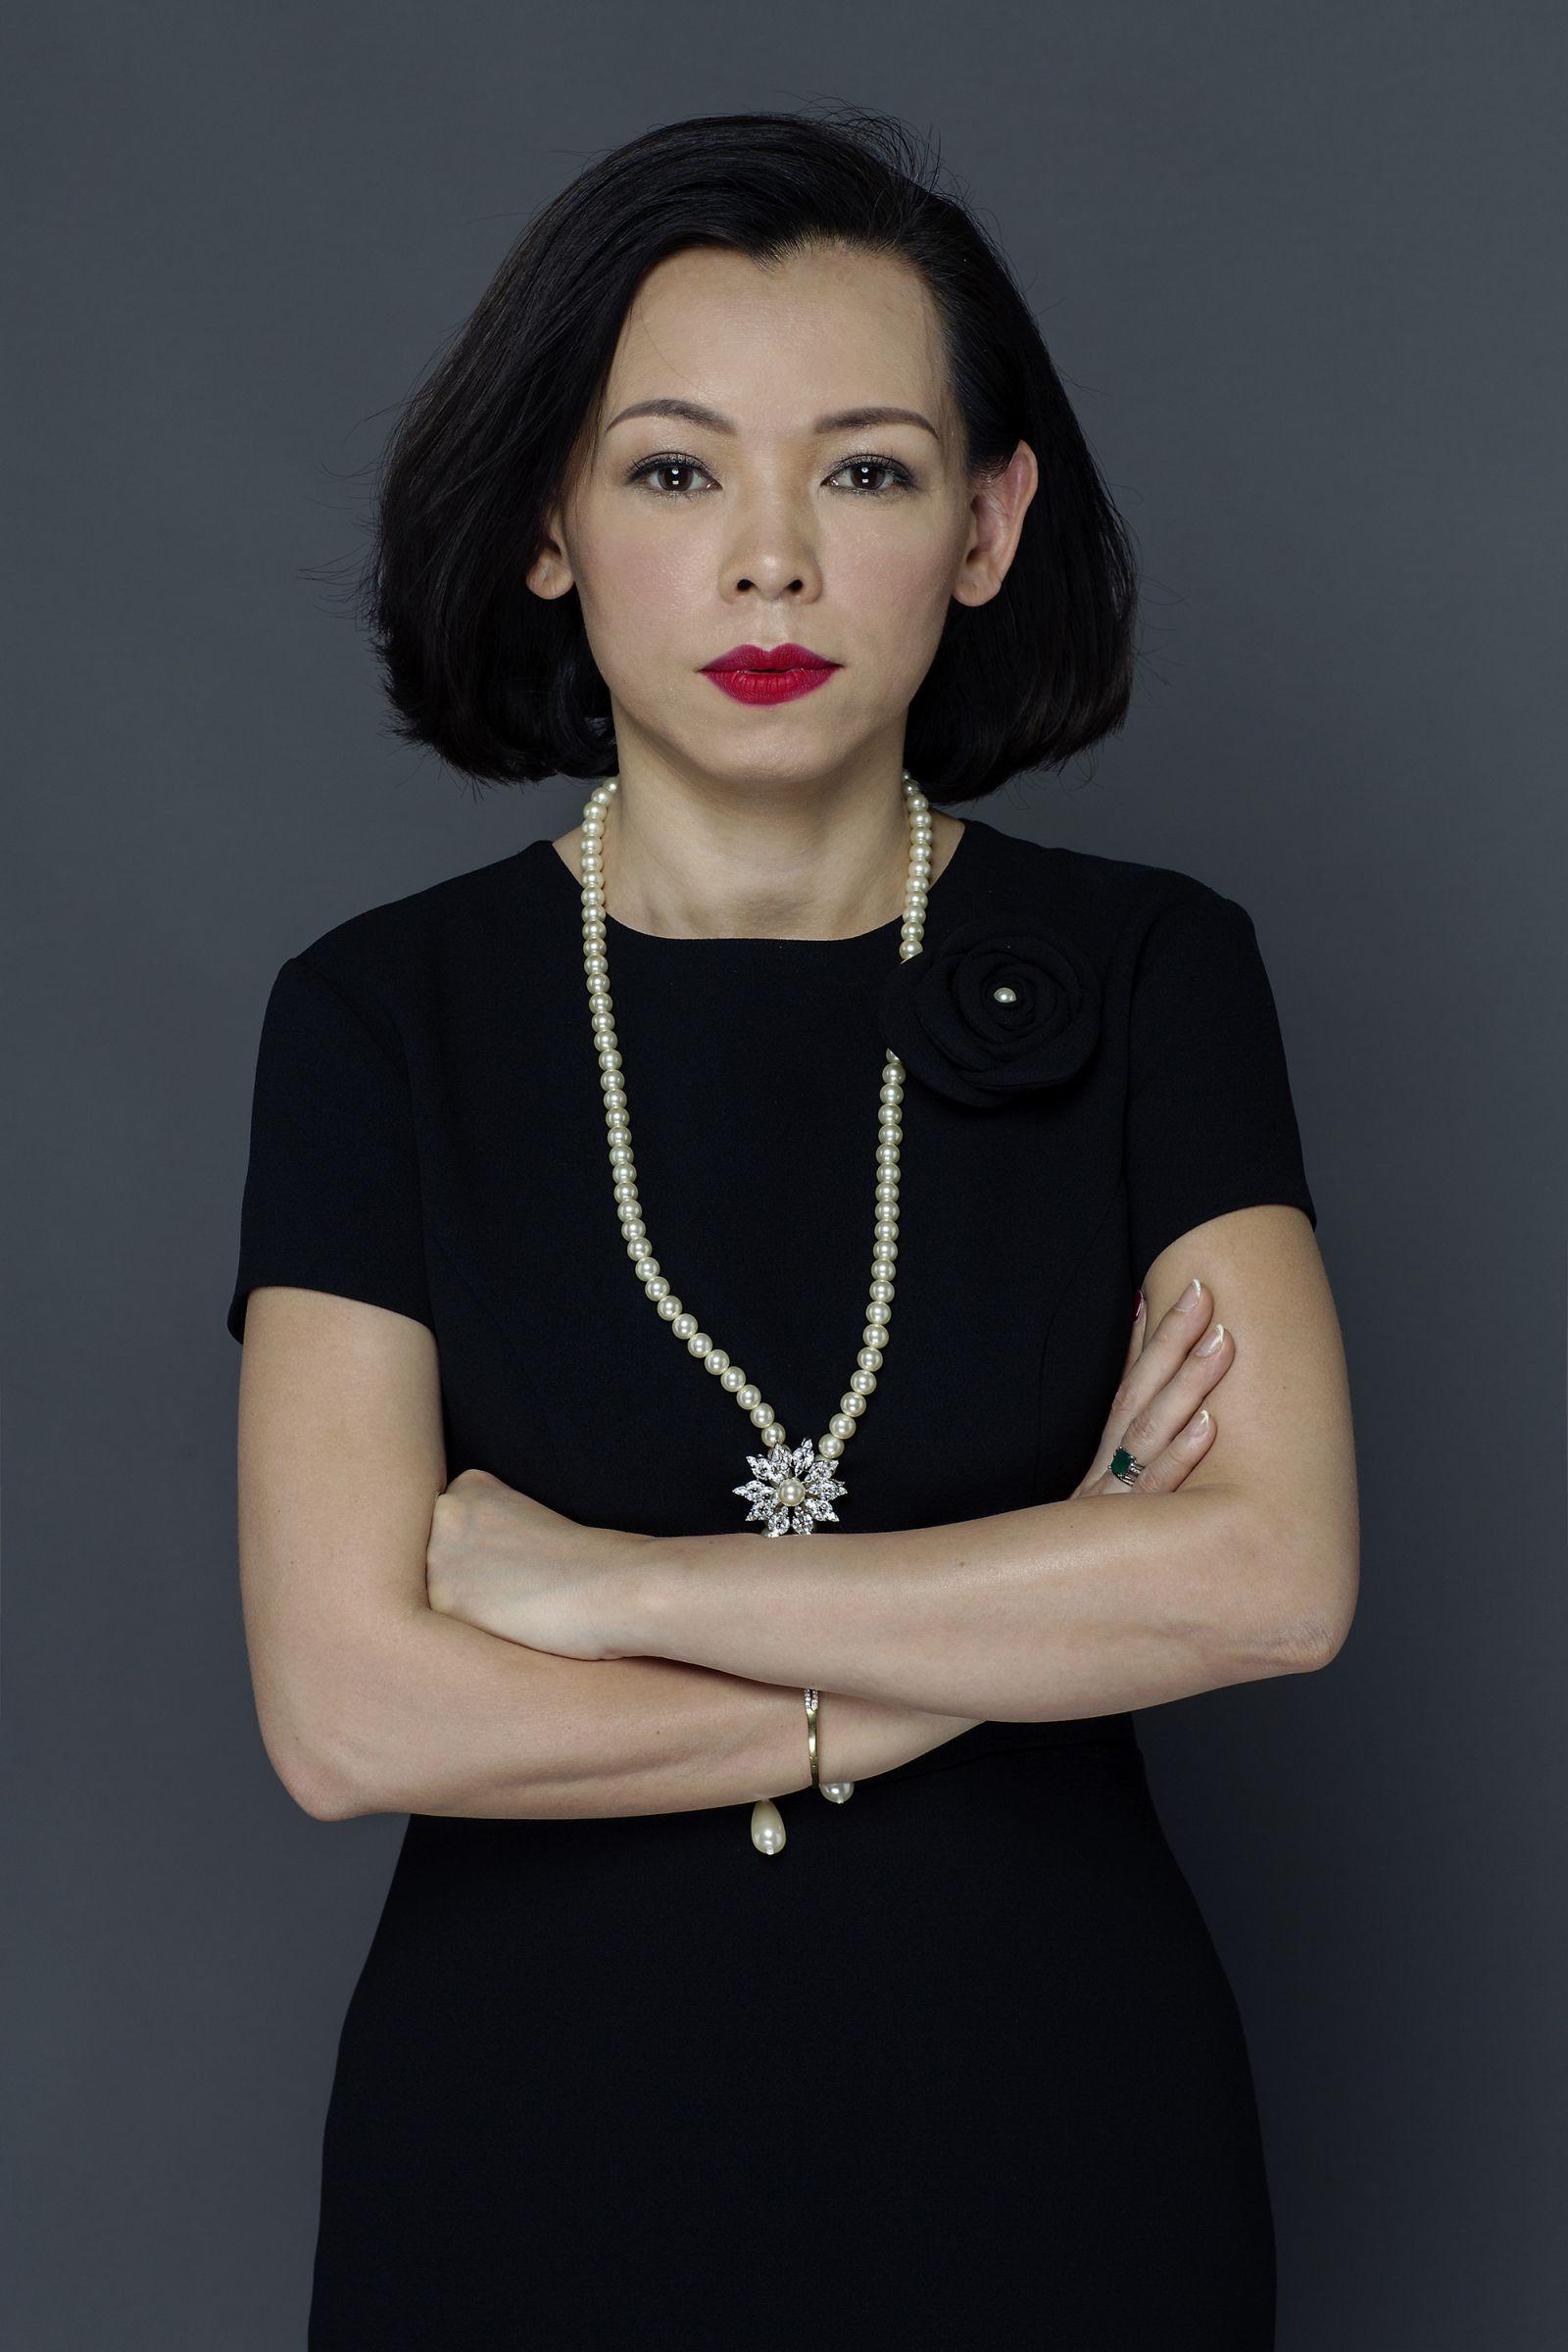 Chân dung doanh nhân Nguyễn Bạch Điệp. Nguồn ảnh: Internet